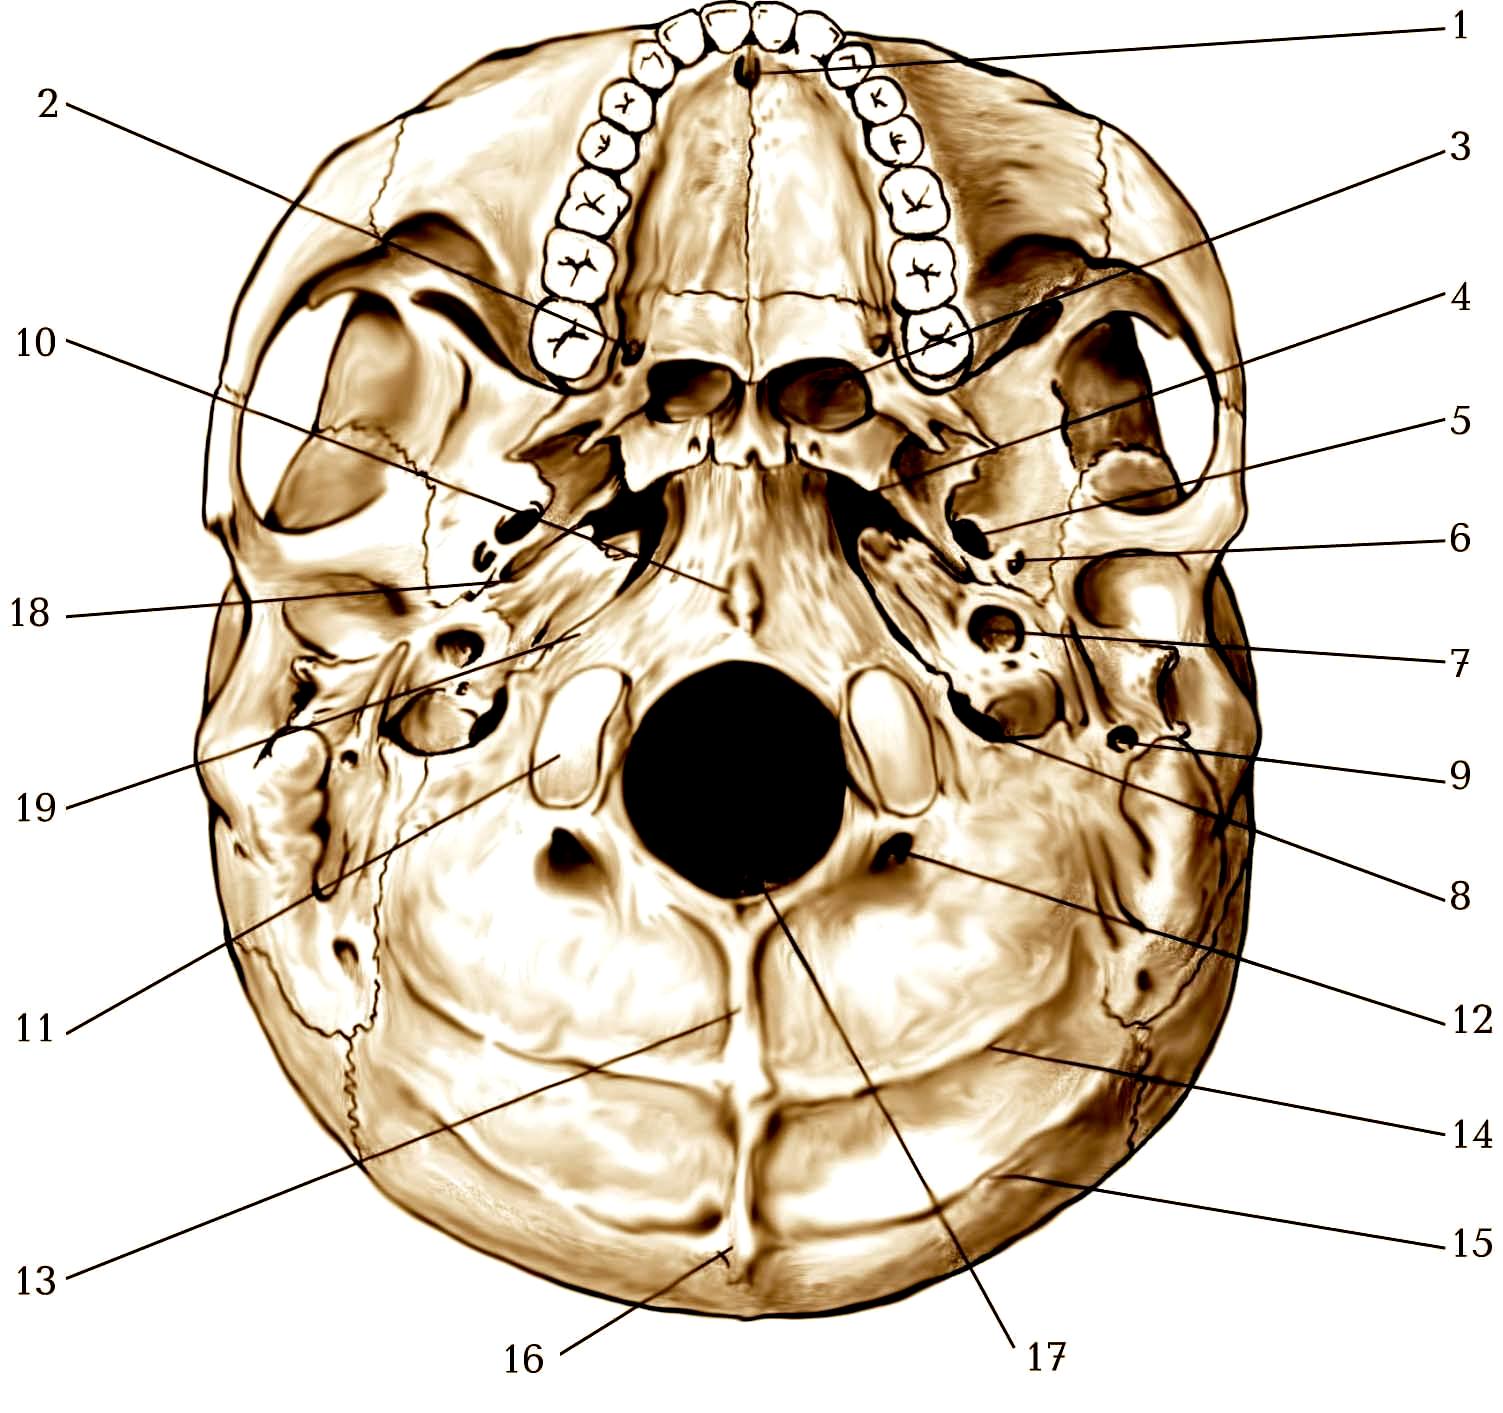 объявления череп в картинках на латыни что разлука